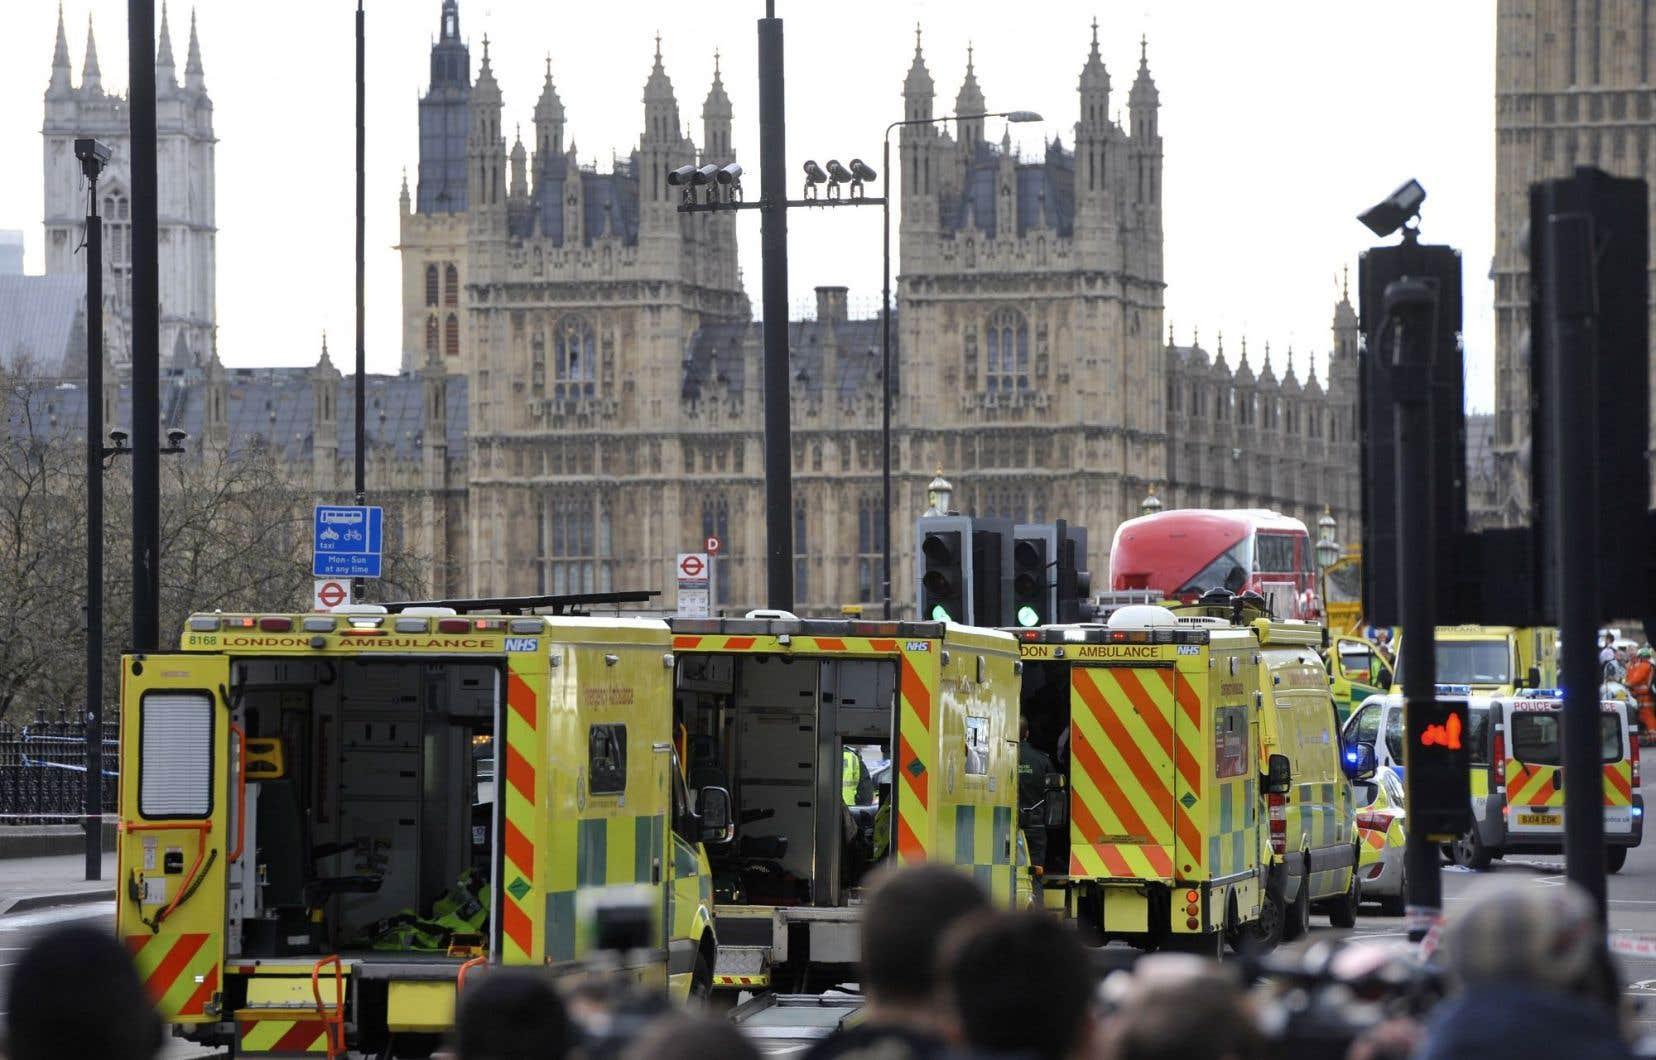 <p>Les véhicules desservices d'urgence étaient nombreux,mercredi, devant le parlement de Westminster à Londres.</p>